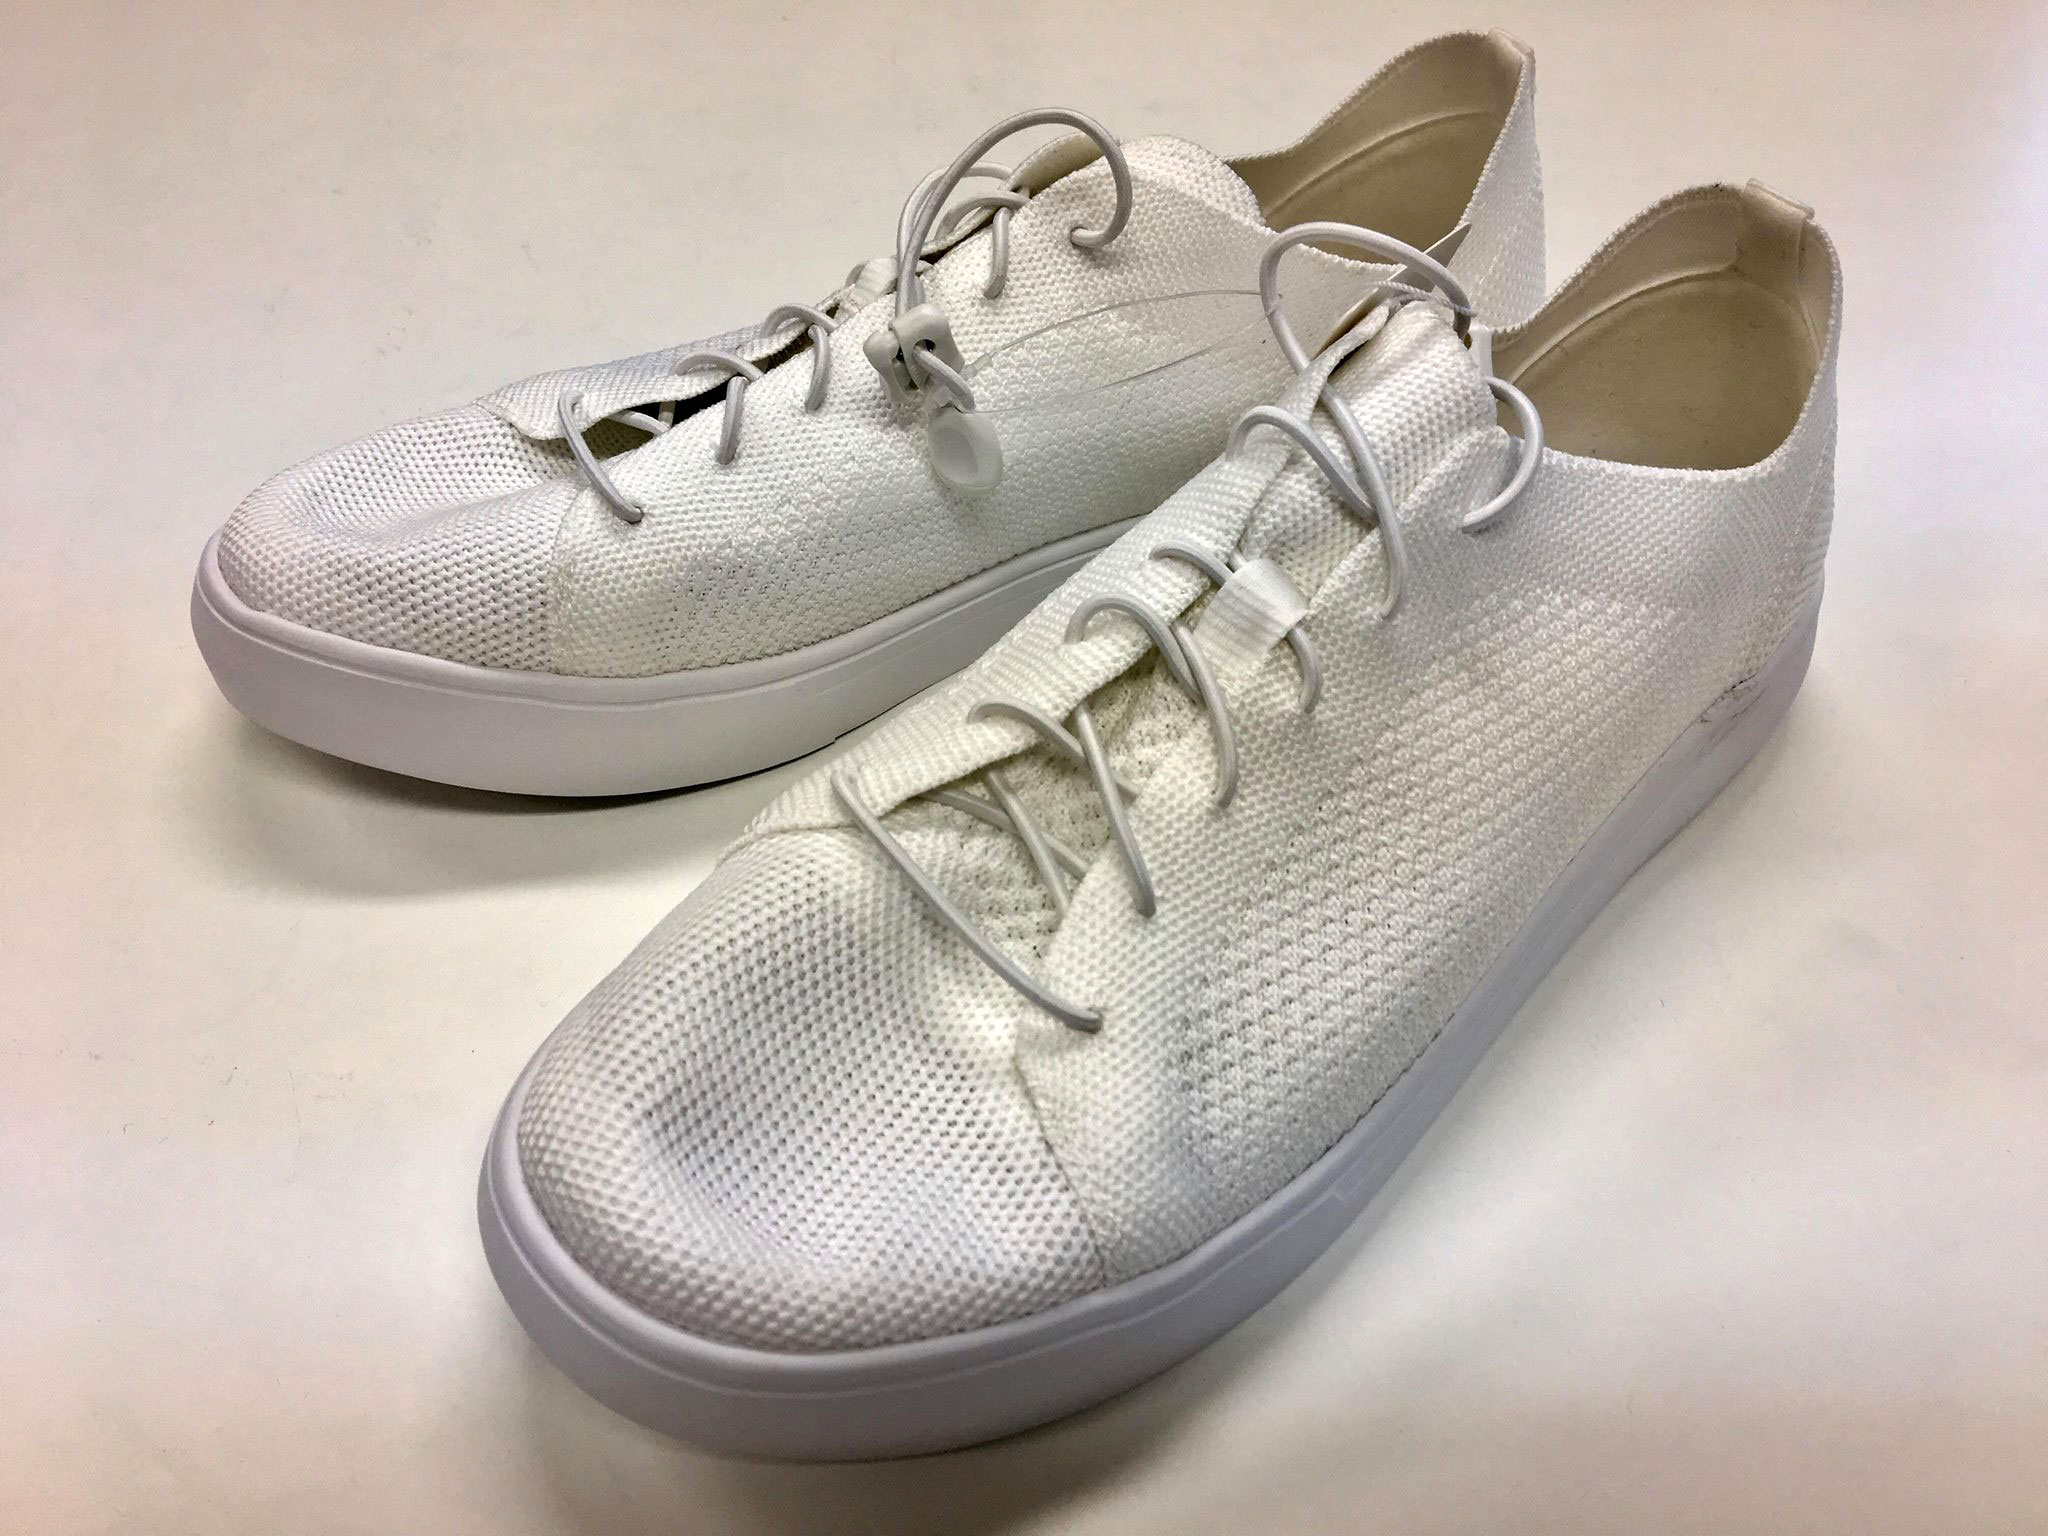 ユニクロの白スニーカー